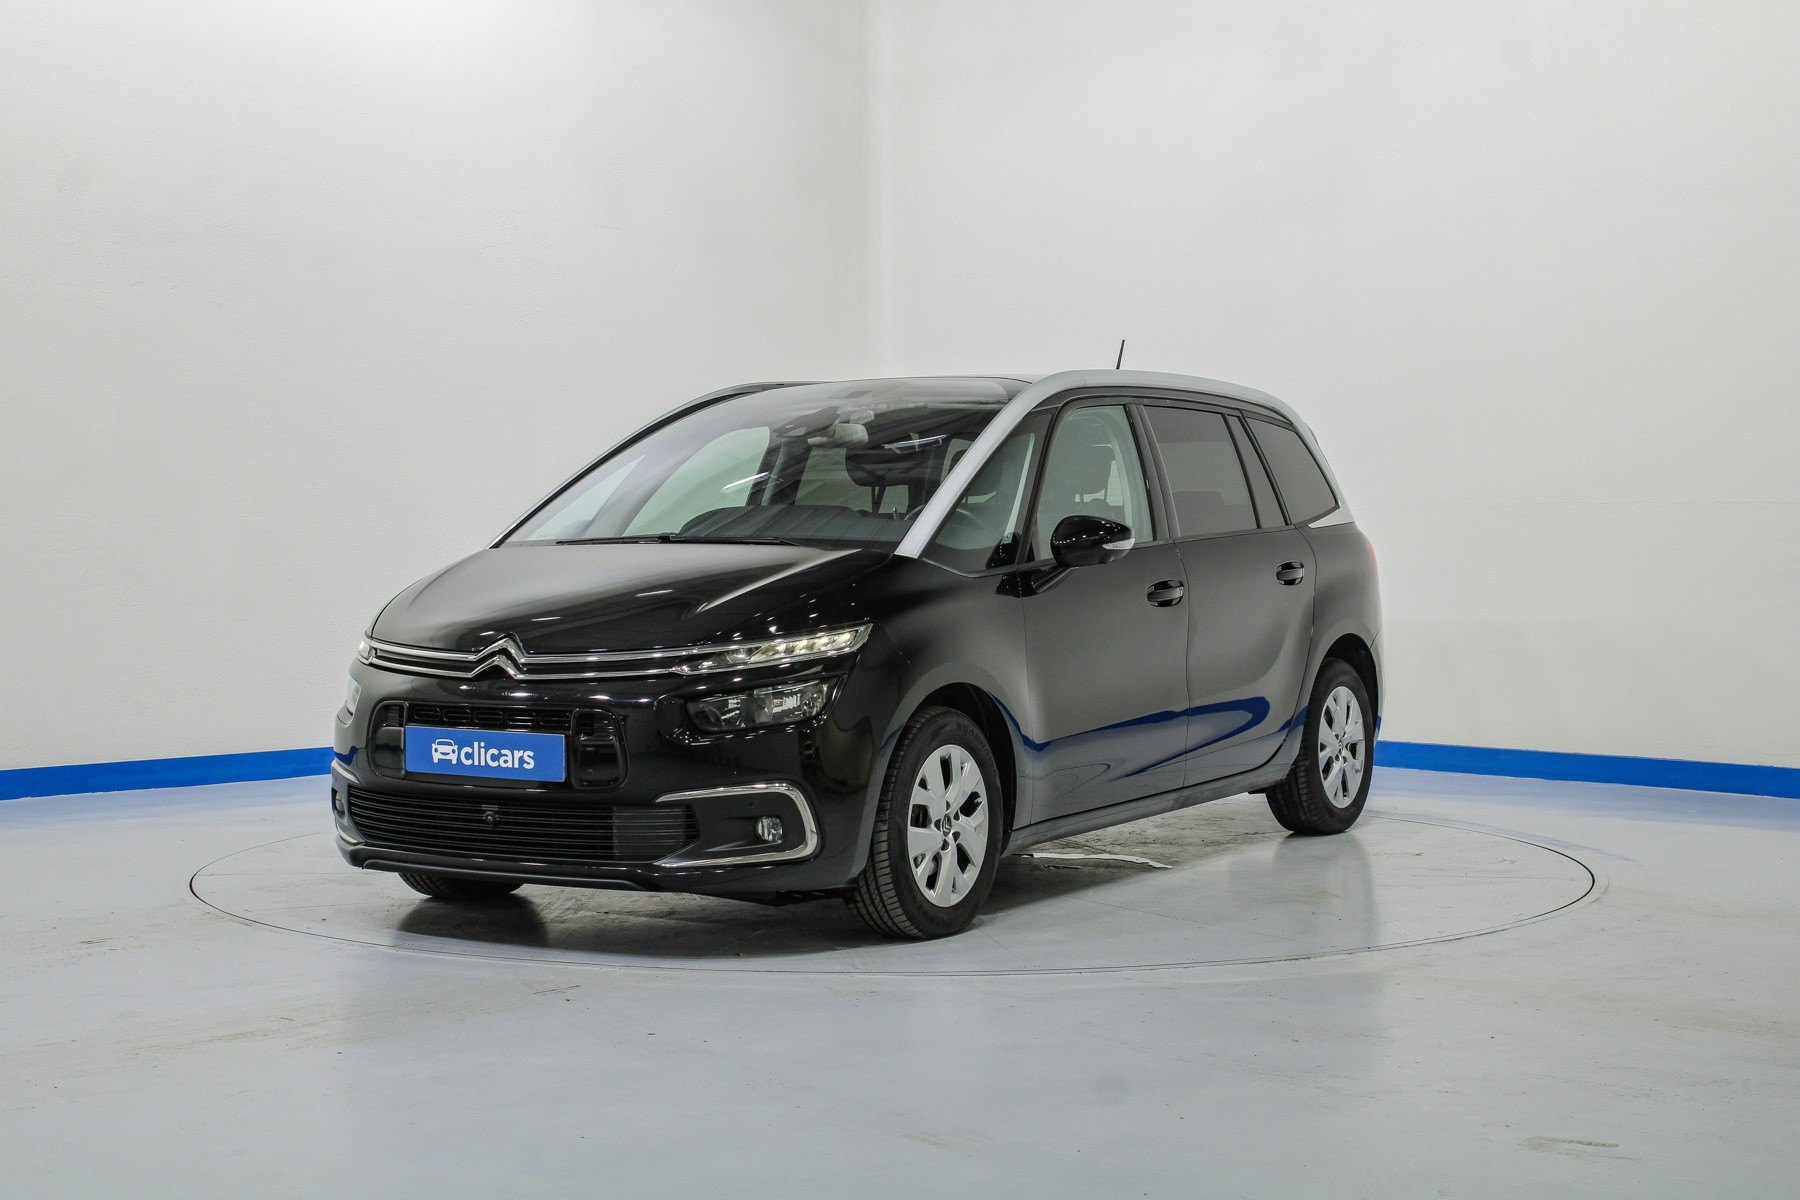 Citroën Grand C4 Picasso Gasolina PureTech 96KW (130CV) S&S 6v EAT6 Feel 1